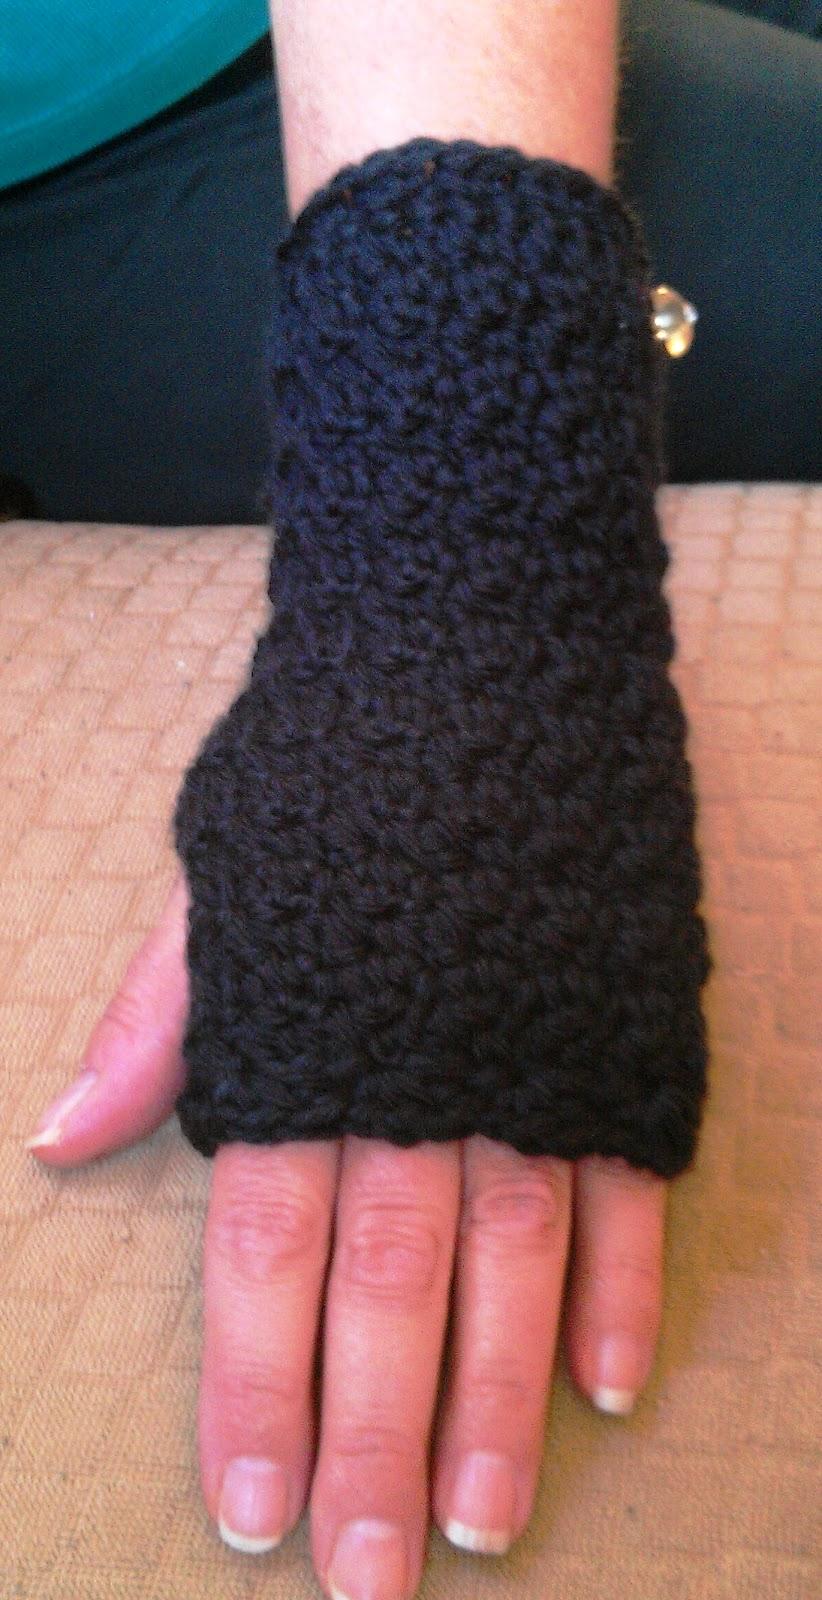 New Crochet Handwrist Warmers Pattern Cute Crochet Chat